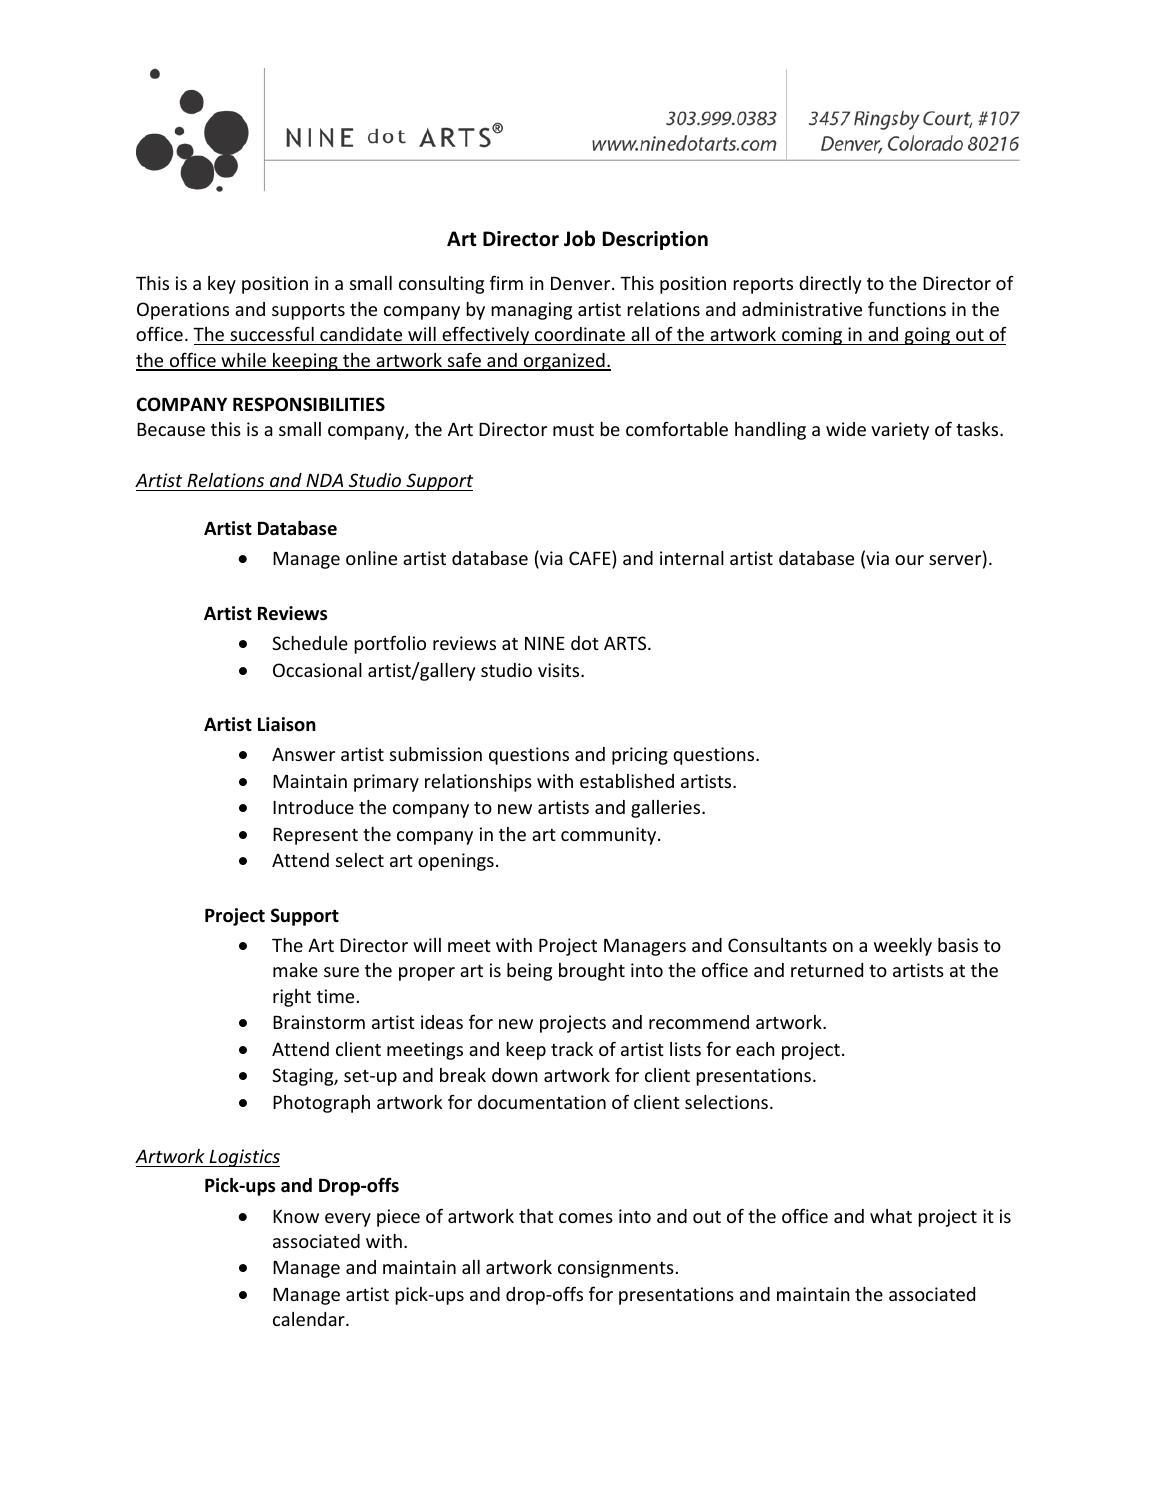 NINEdot ARTS Art Director job description by Ninedotarts Denver - issuu